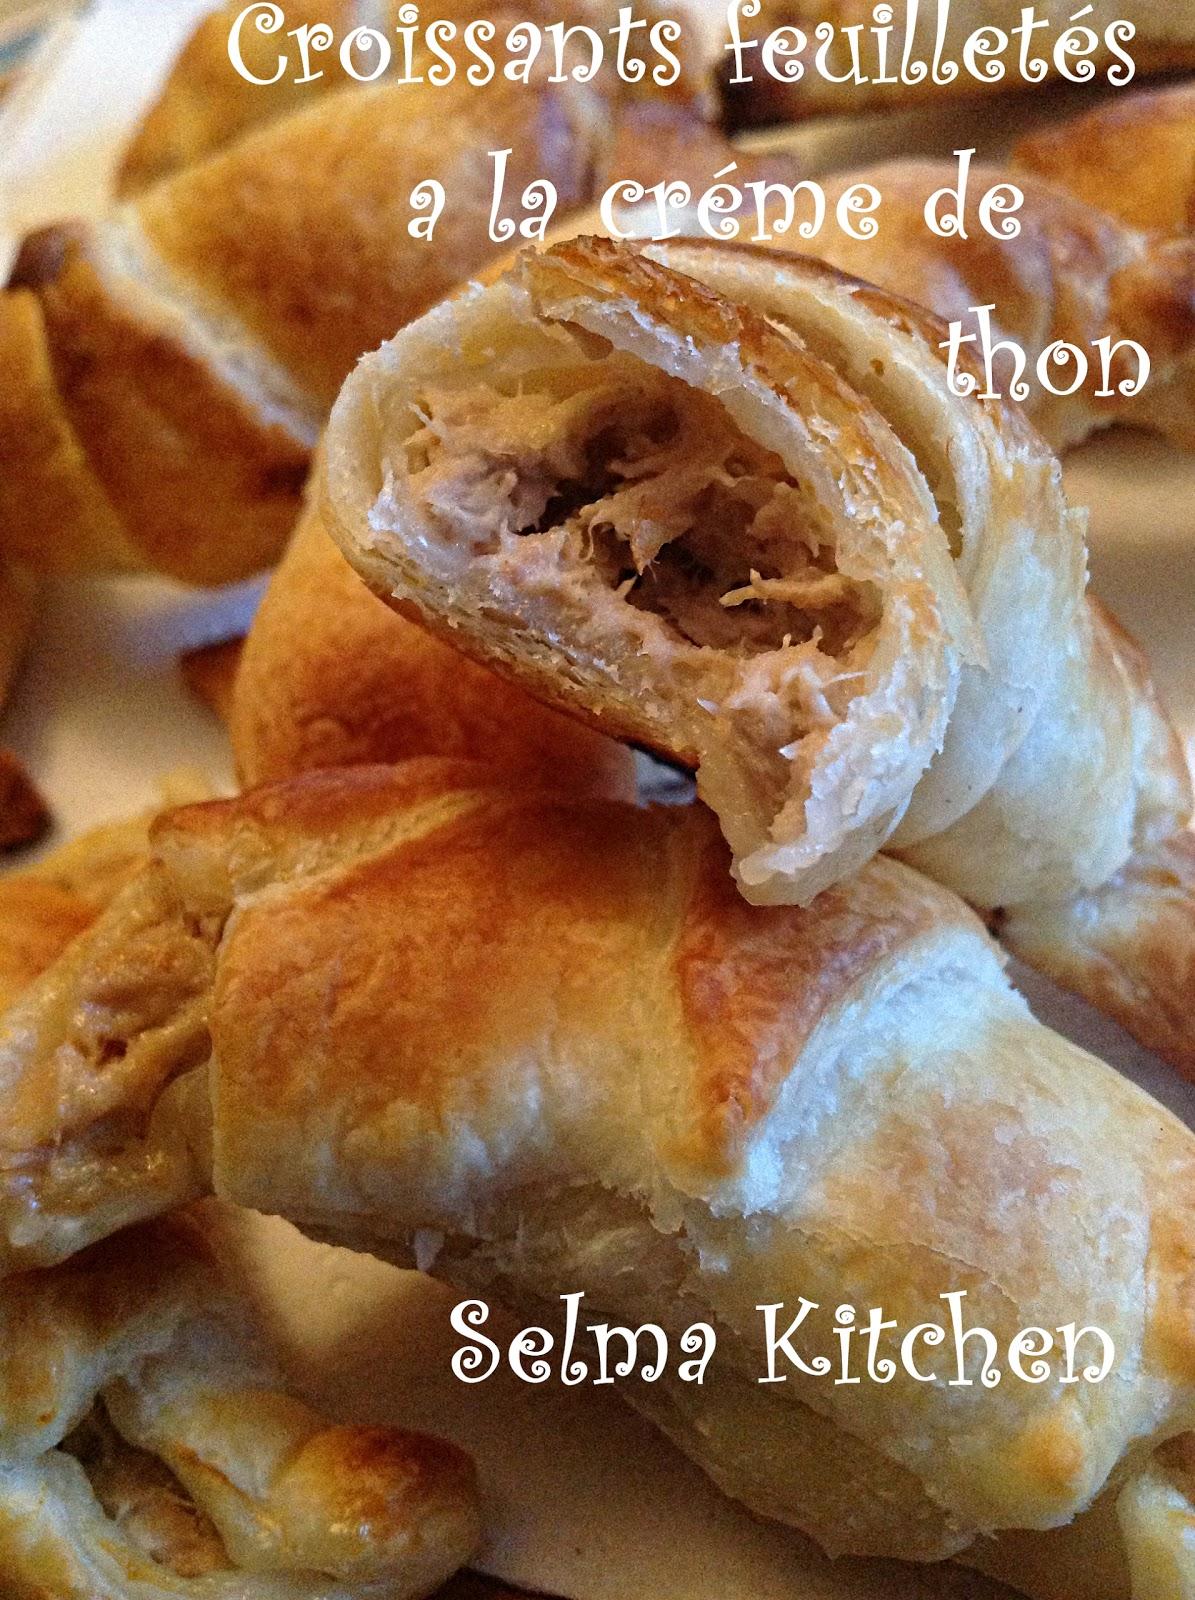 selma kitchen recette facile de croissants feuillet s a la creme de thon. Black Bedroom Furniture Sets. Home Design Ideas